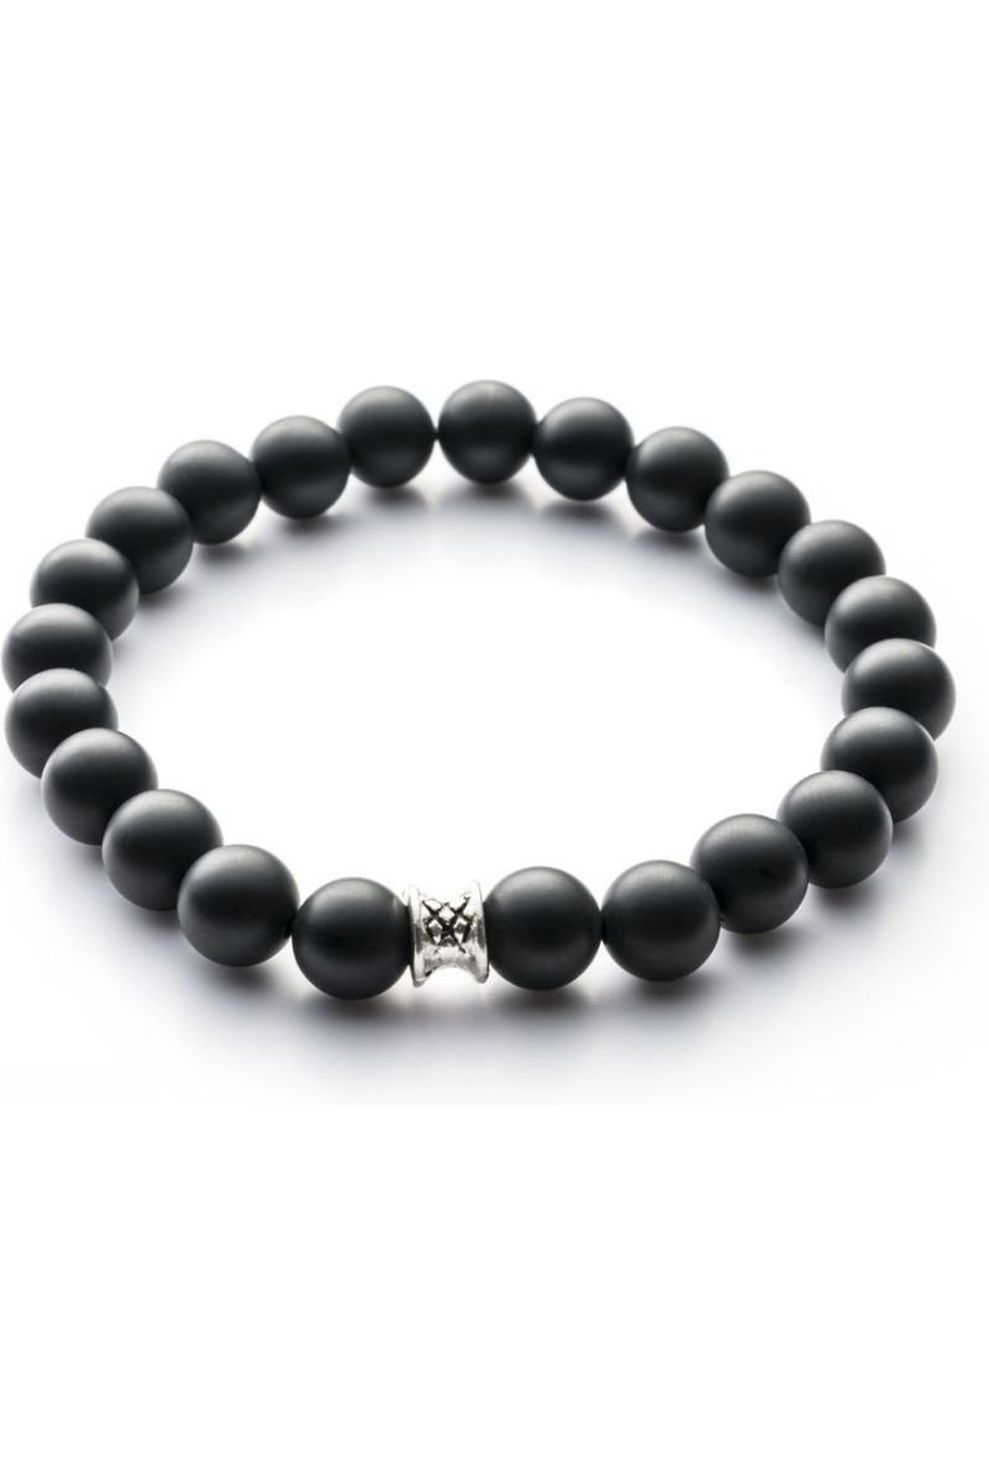 Gemini Armband B9 voor heren Zwart Maten: S, M